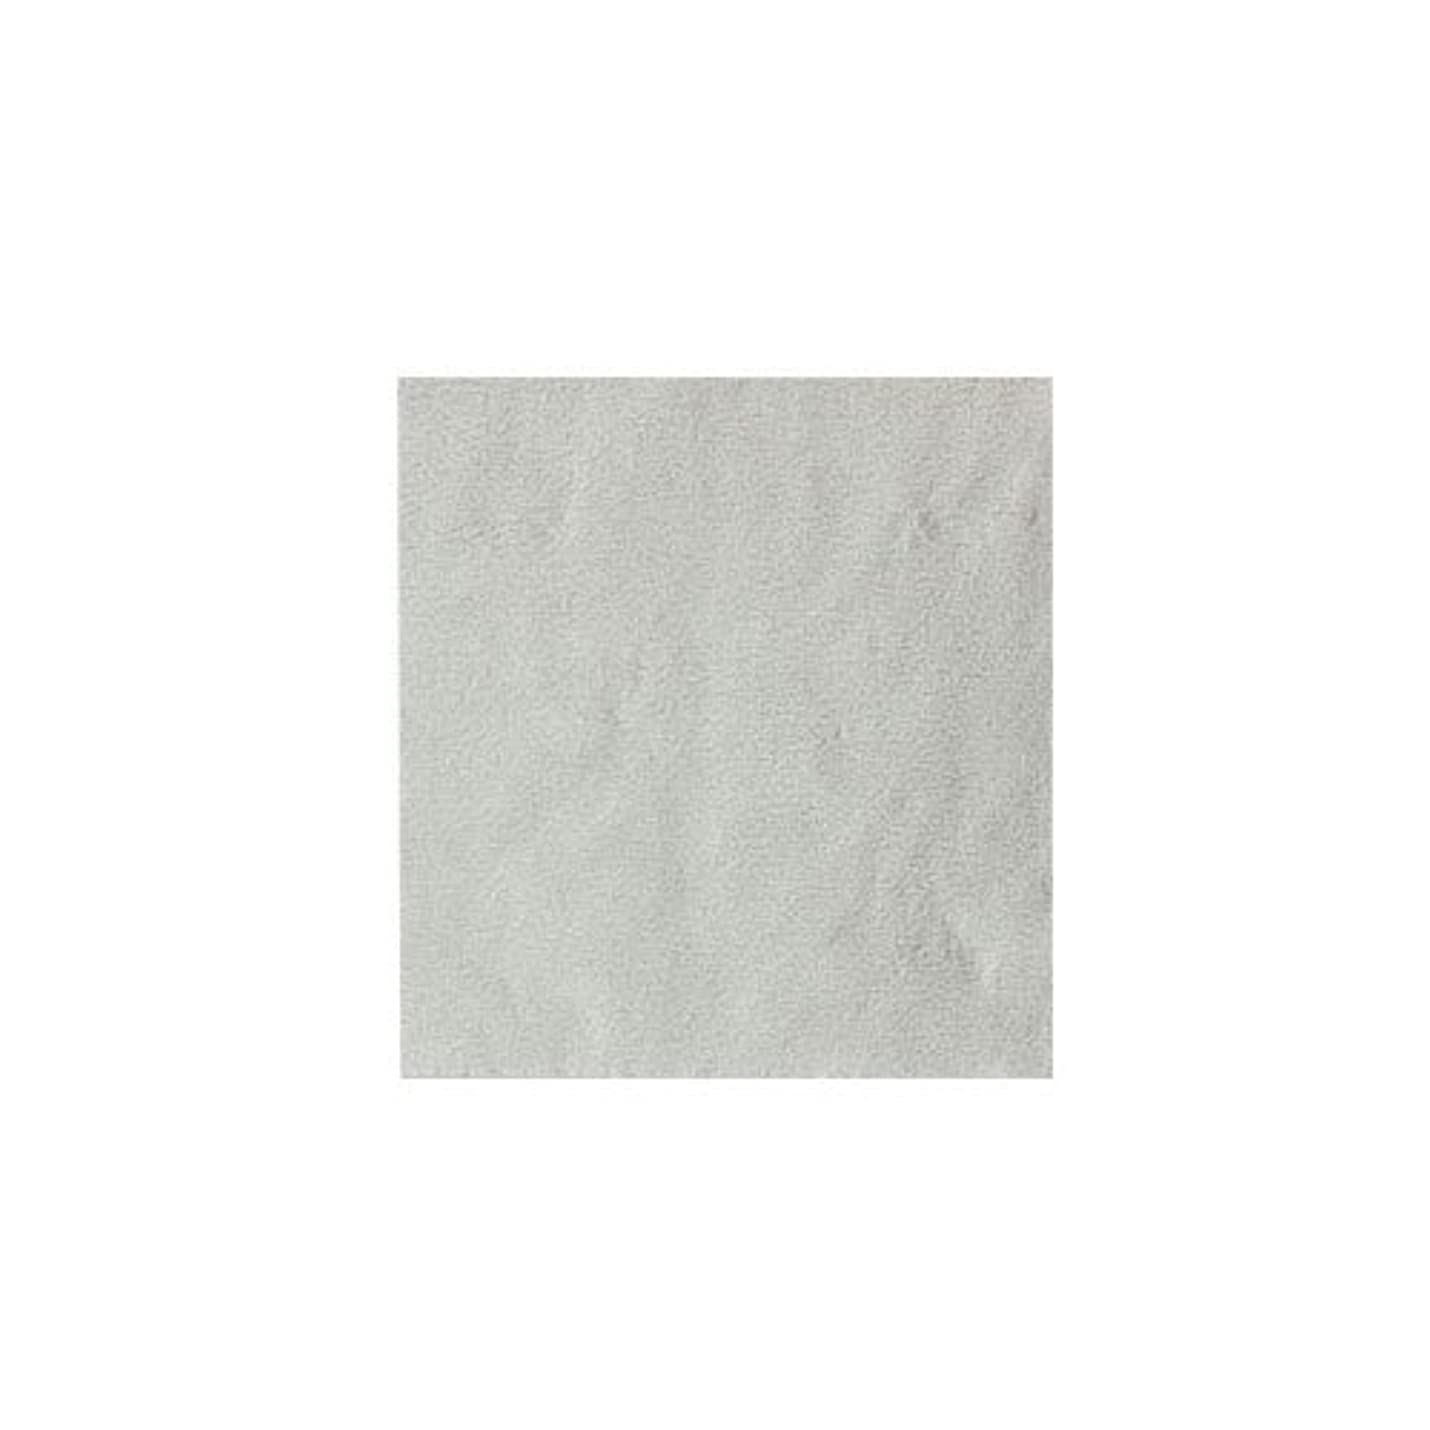 ピットディンカルビル部屋を掃除するピカエース ネイル用パウダー パステル銀箔 #640 パステルホワイト 3.5㎜角×5枚